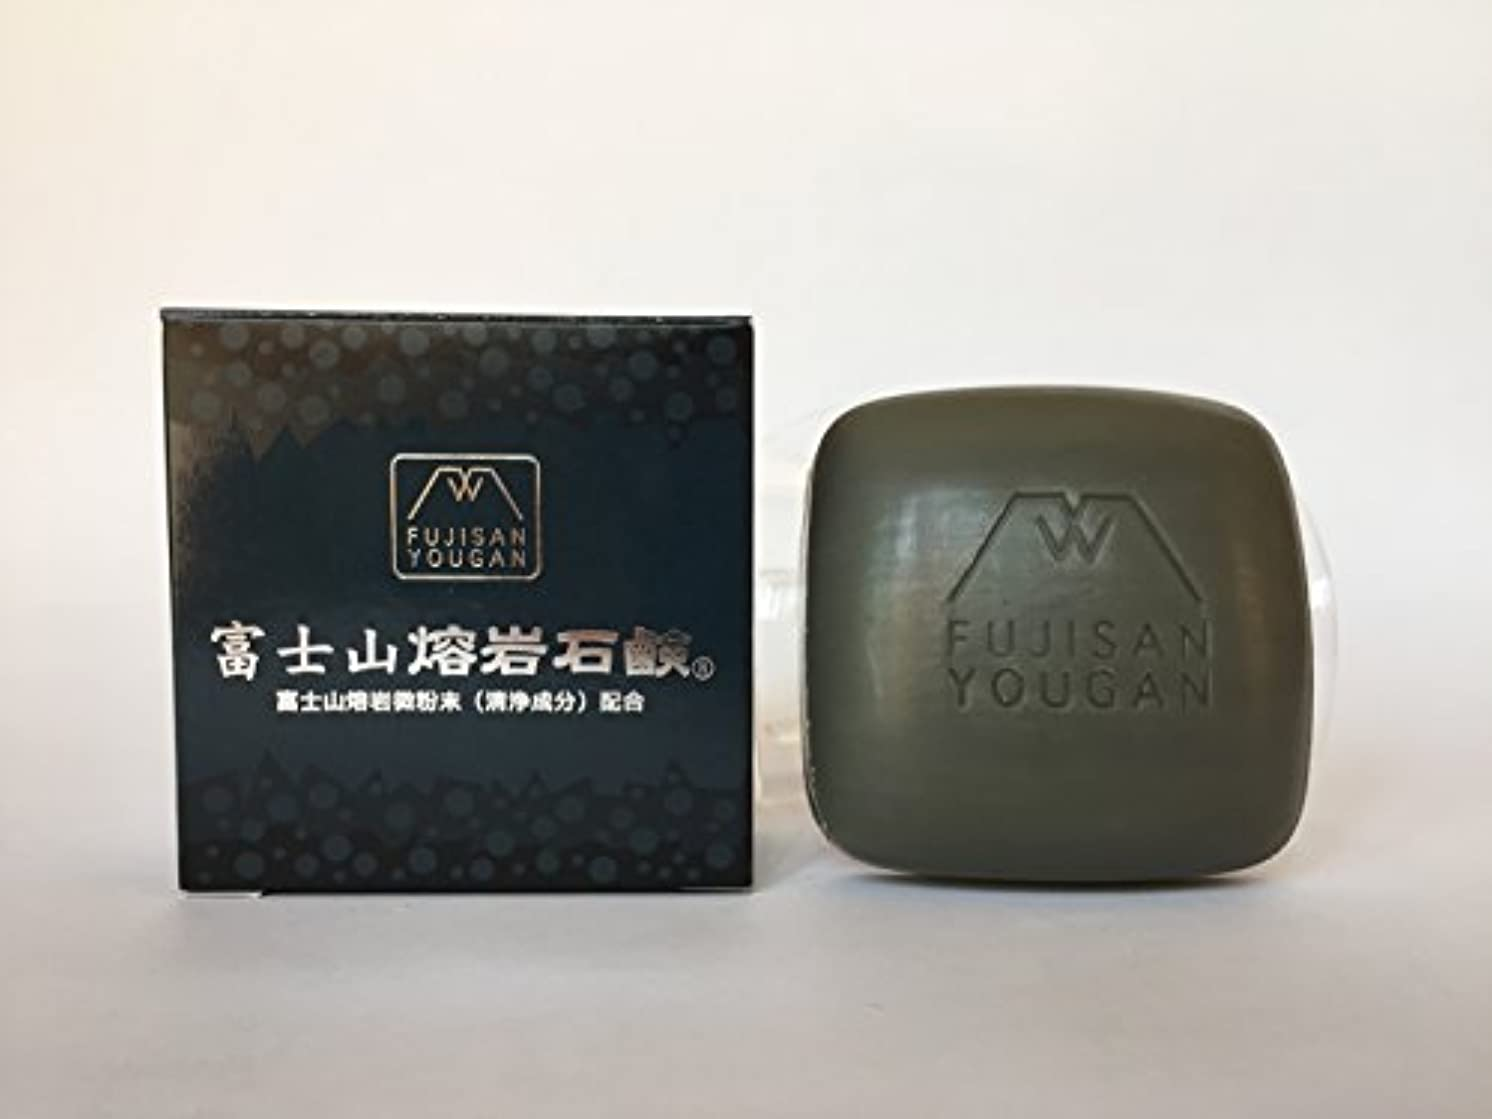 寄生虫作詞家蚊富士山溶岩石鹸 100g/個×2個セット